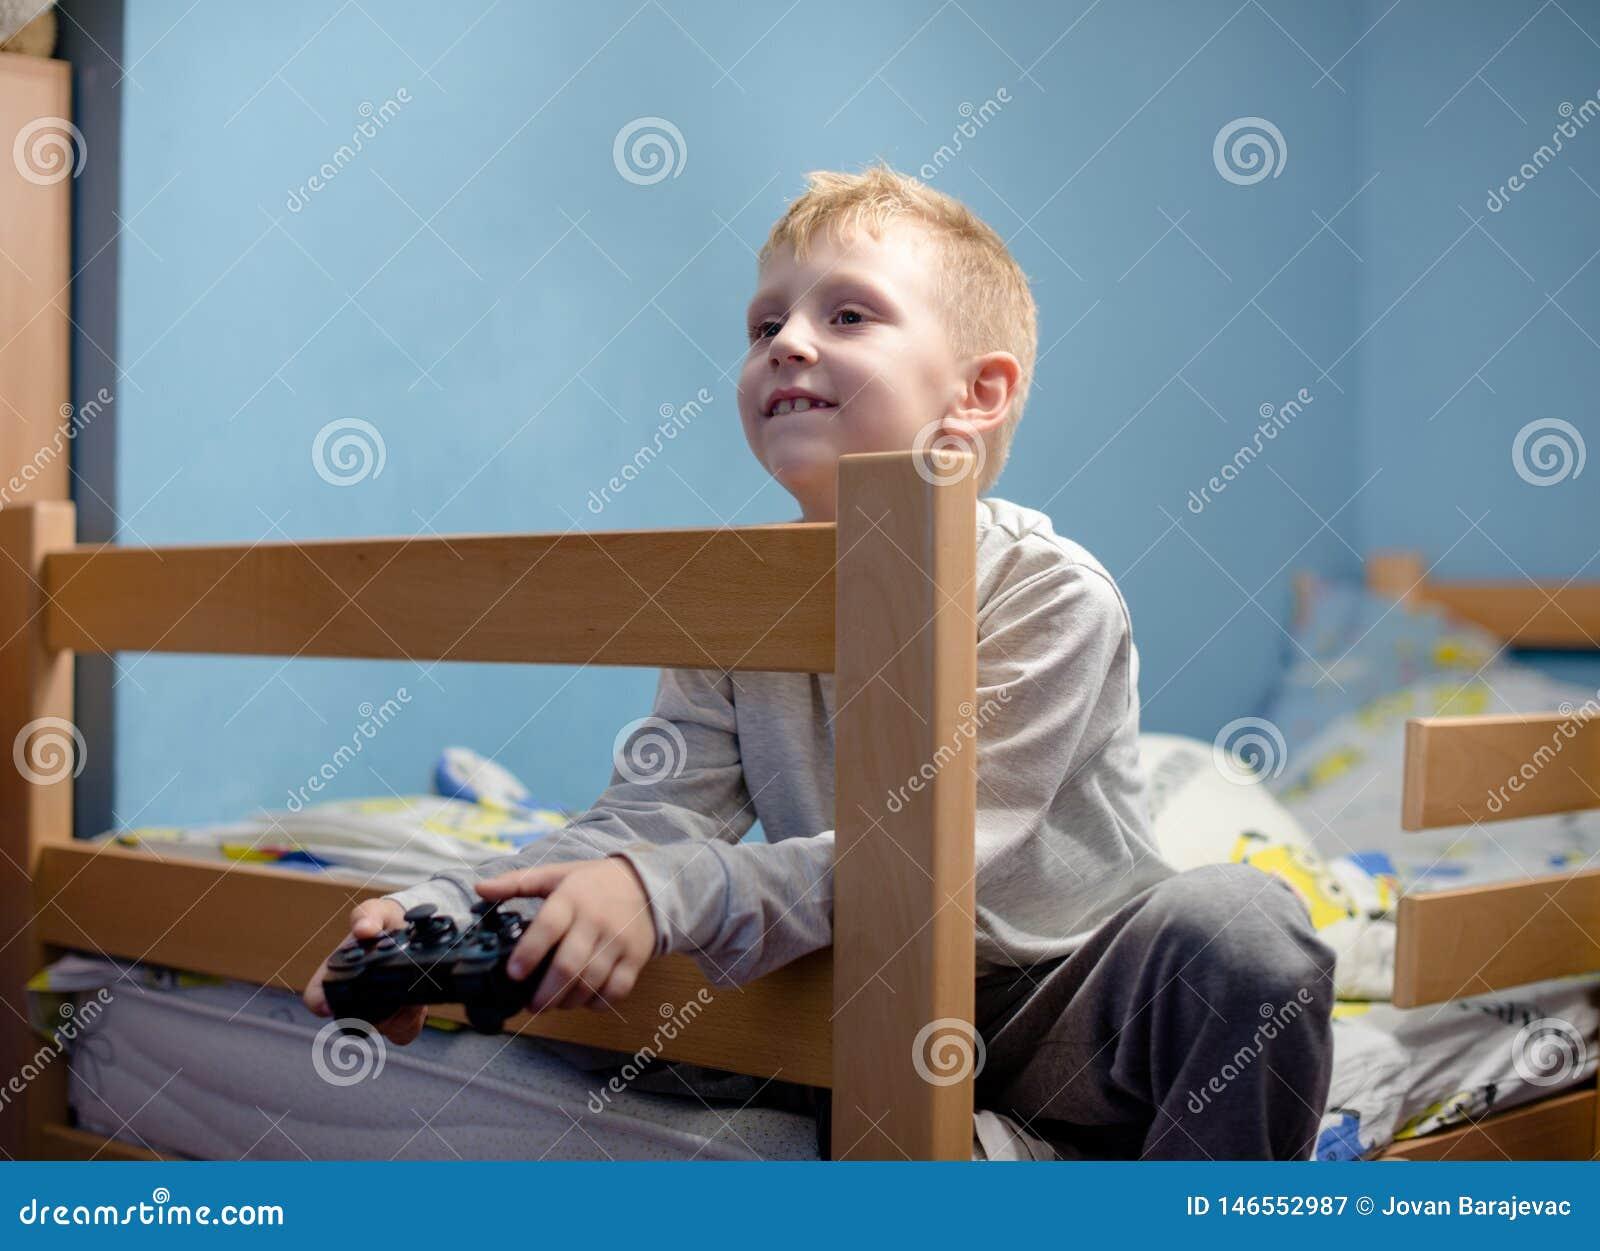 Gioco dei video giochi